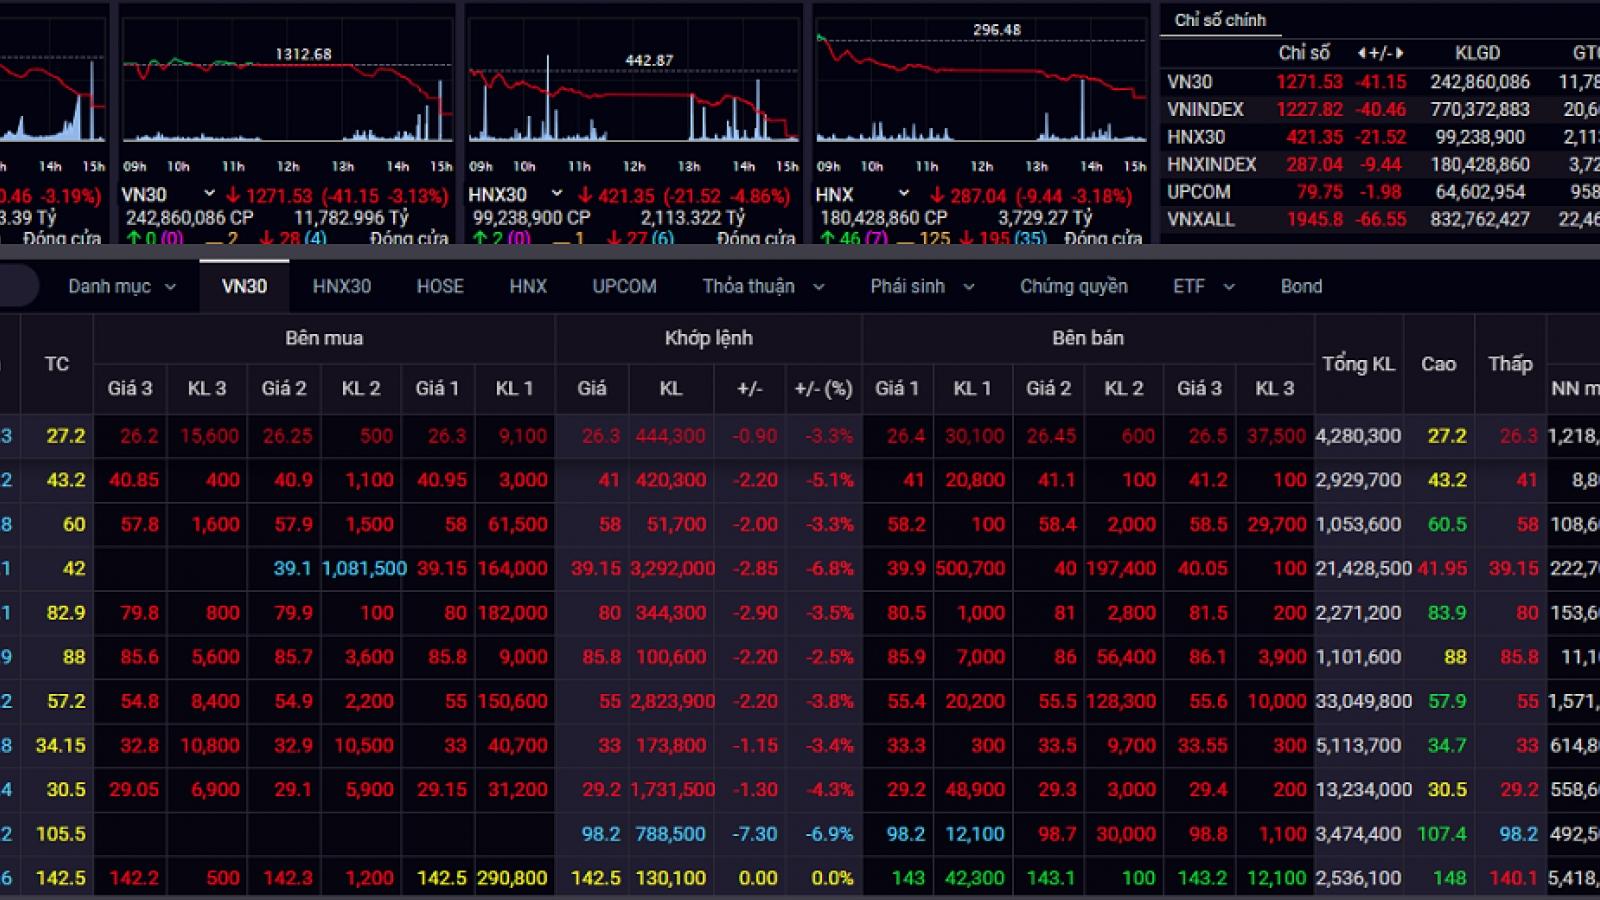 """Áp lực bán gia tăng, hàng loạt mã giảm sàn, VN-Index """"rơi"""" hơn 40 điểm"""